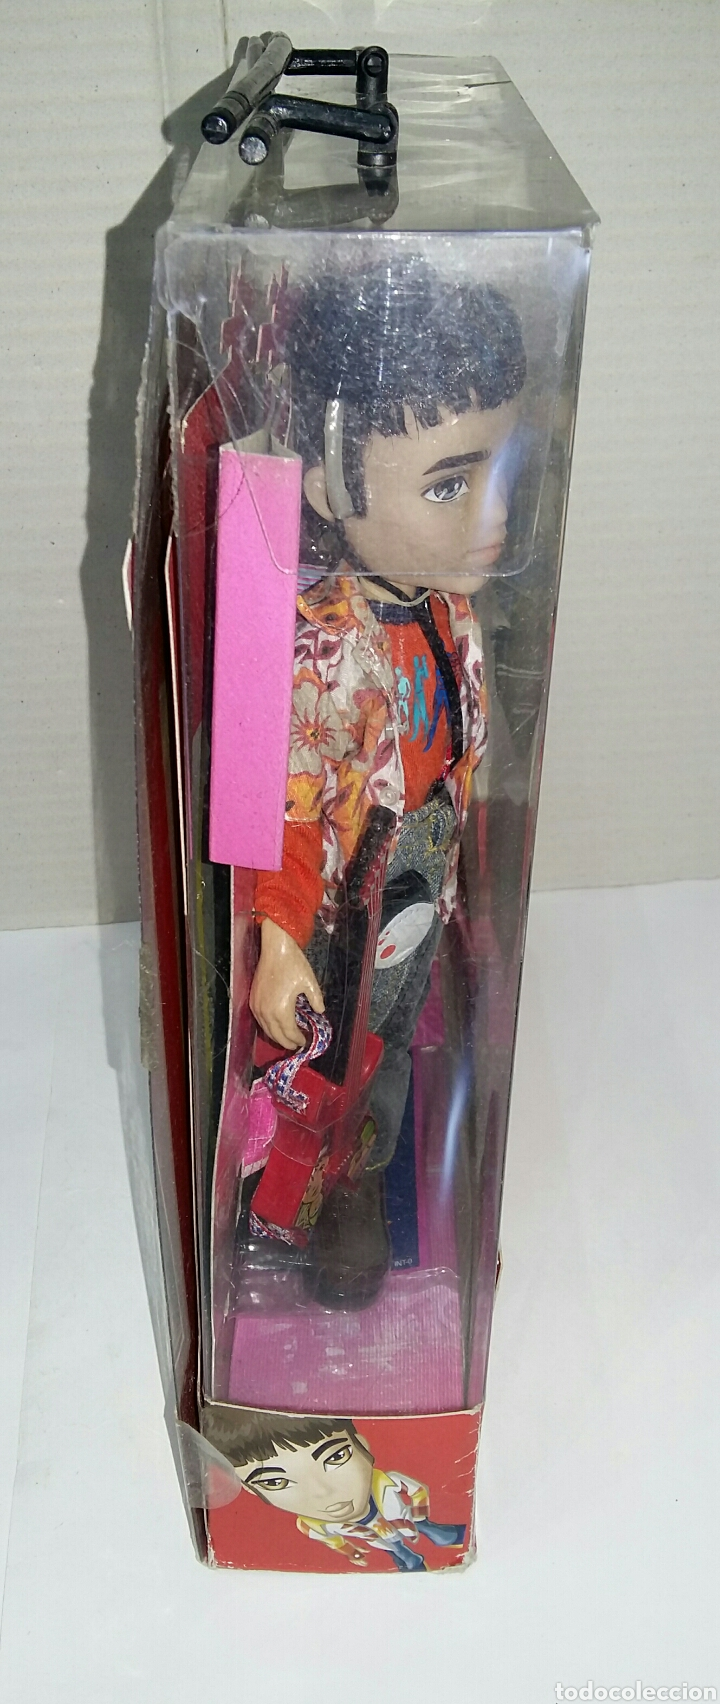 Muñecas Modernas: BRATZ BOYZ EITAN. TOKYO A GO - GO. NUEVO EN CAJA. BRATZ WORLD. BANDAI. MGA. 2004. - Foto 6 - 197258265